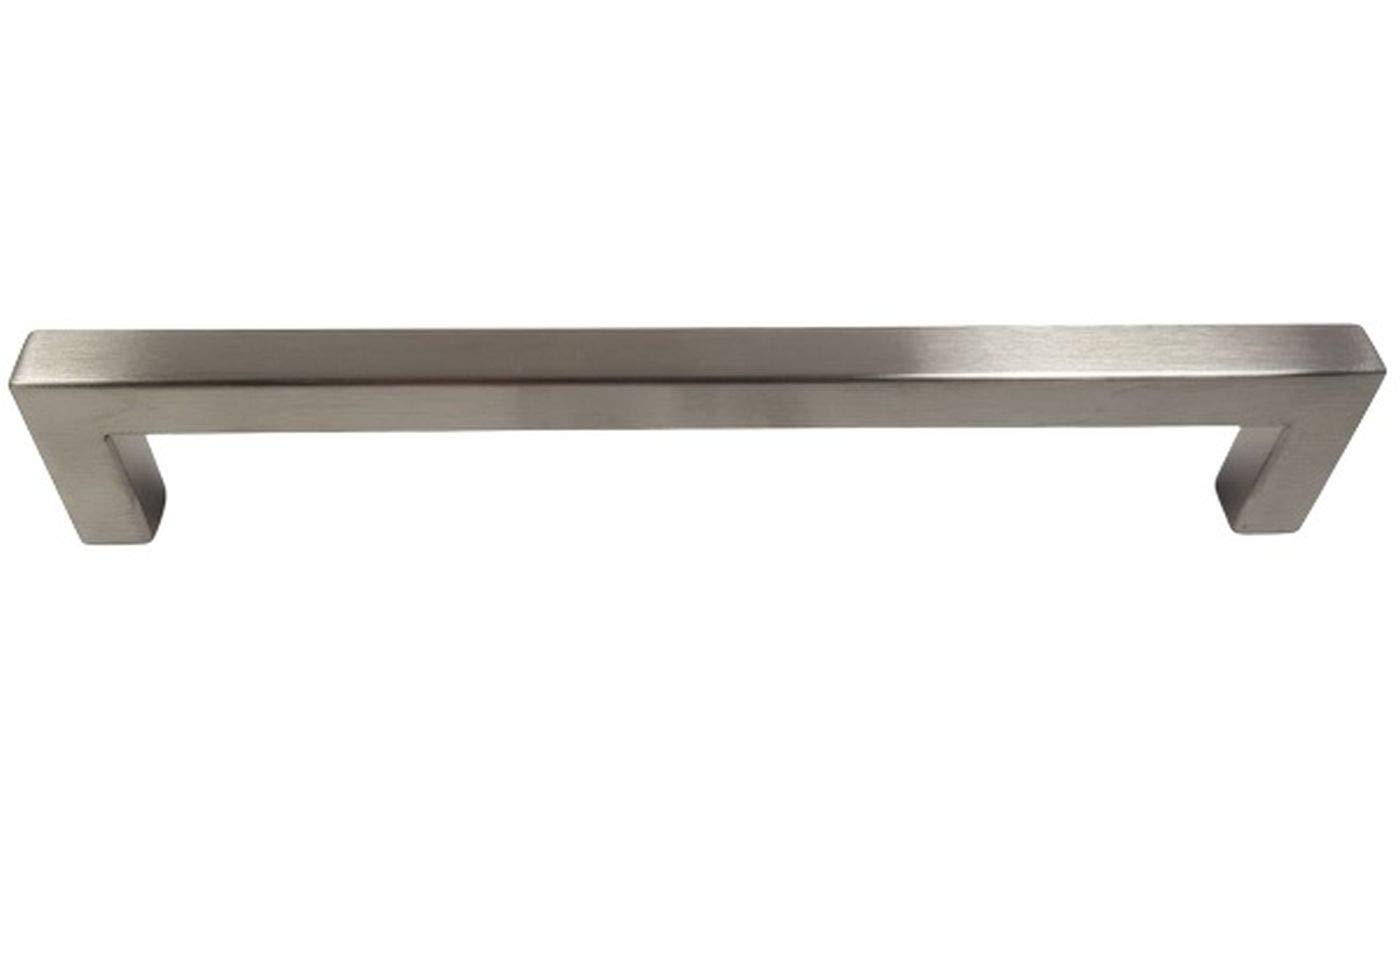 Juego de 10 x SO-TECH/® Manija Barral Manija de MuebleE8 ACERO INOX 10 x 10 mm Tirador de Mueble Distancia Agujeros 128 mm